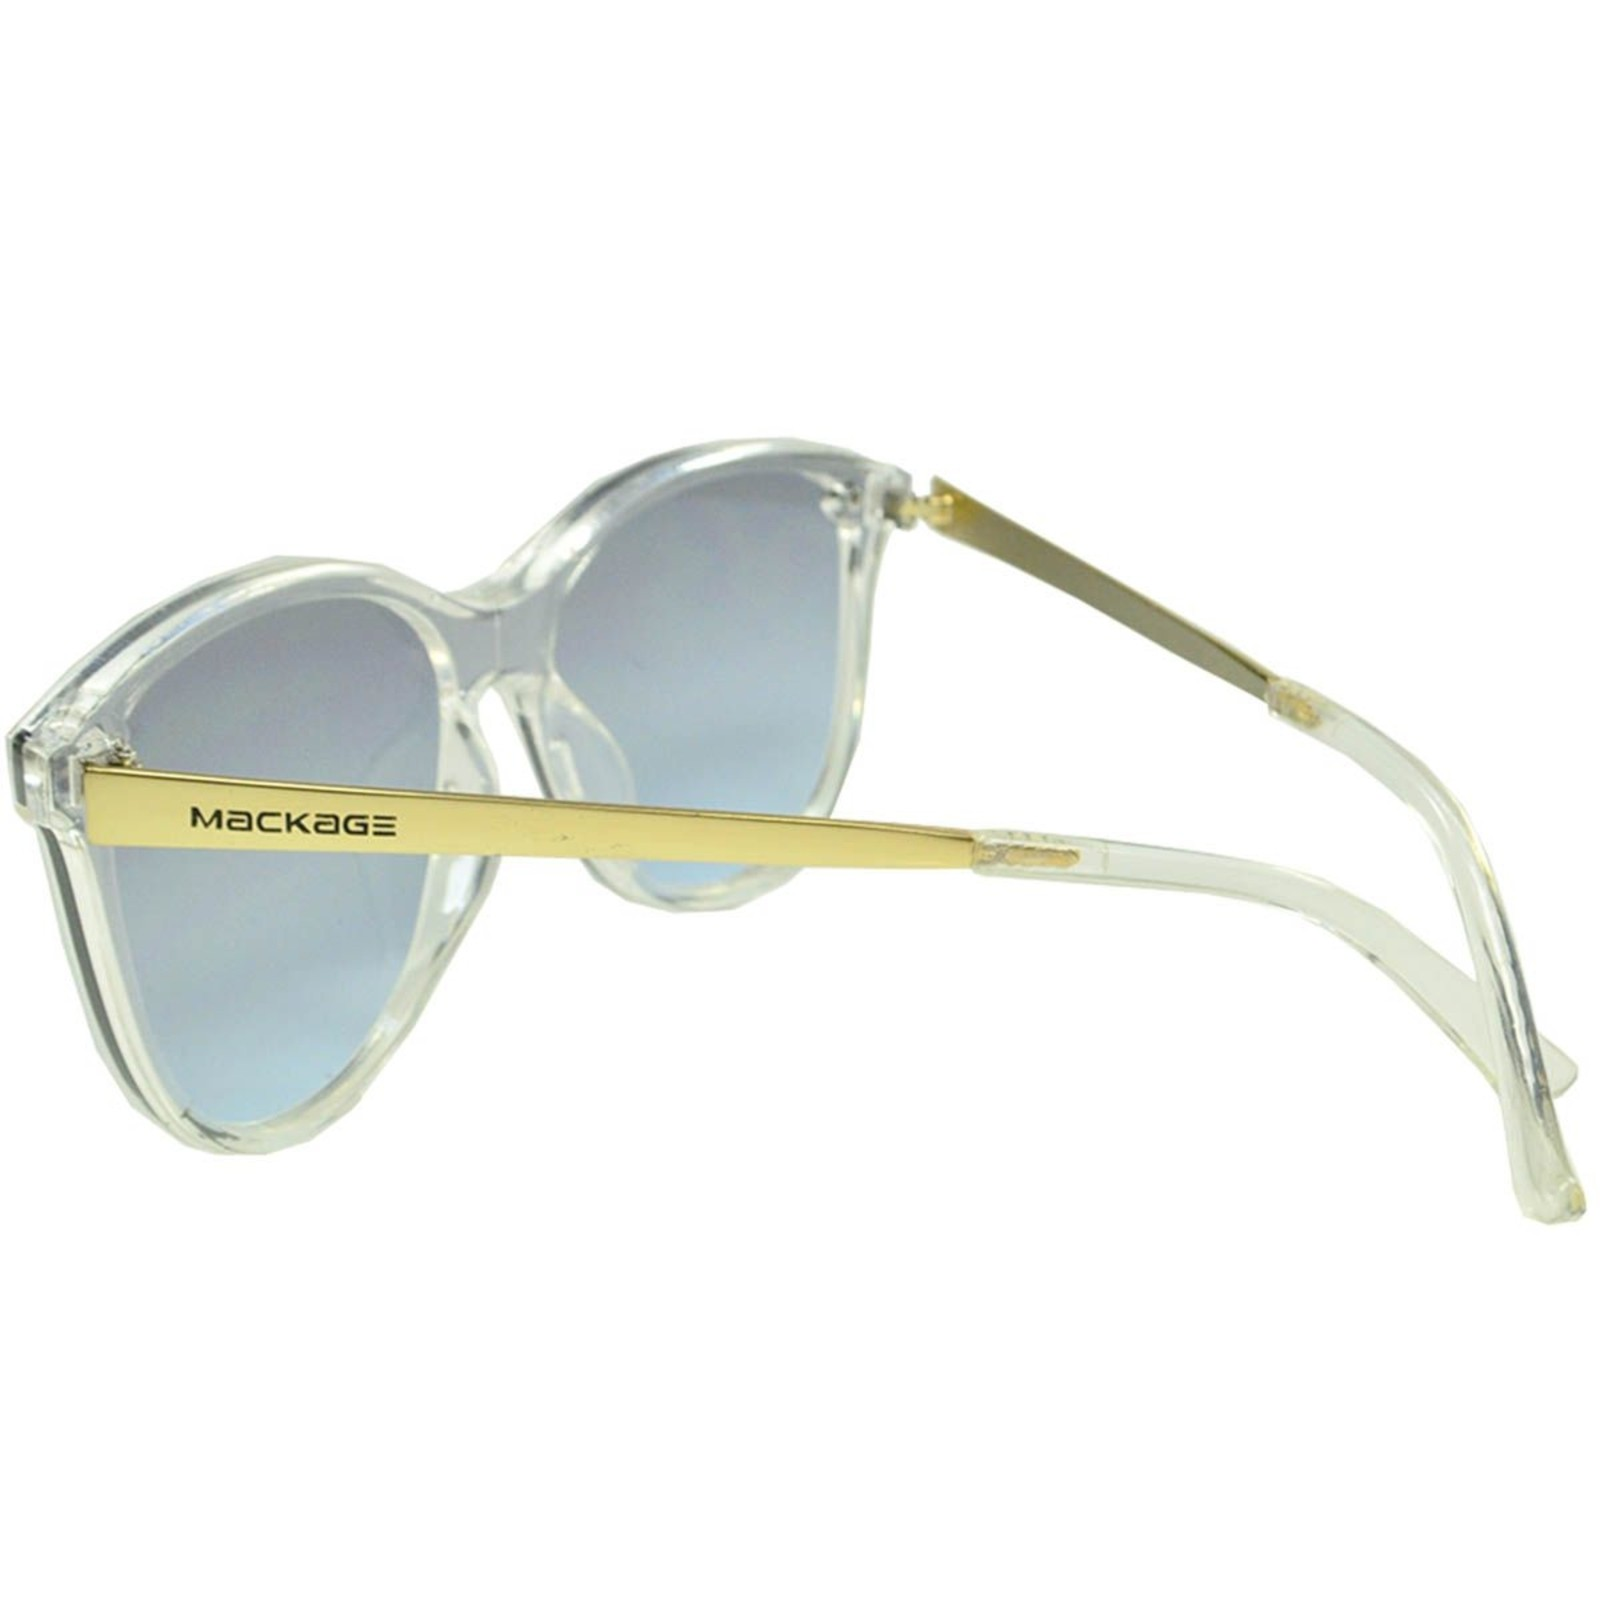 Óculos De Sol Mackage Feminino Acetato Rimless Gateado - Cristal Dourado